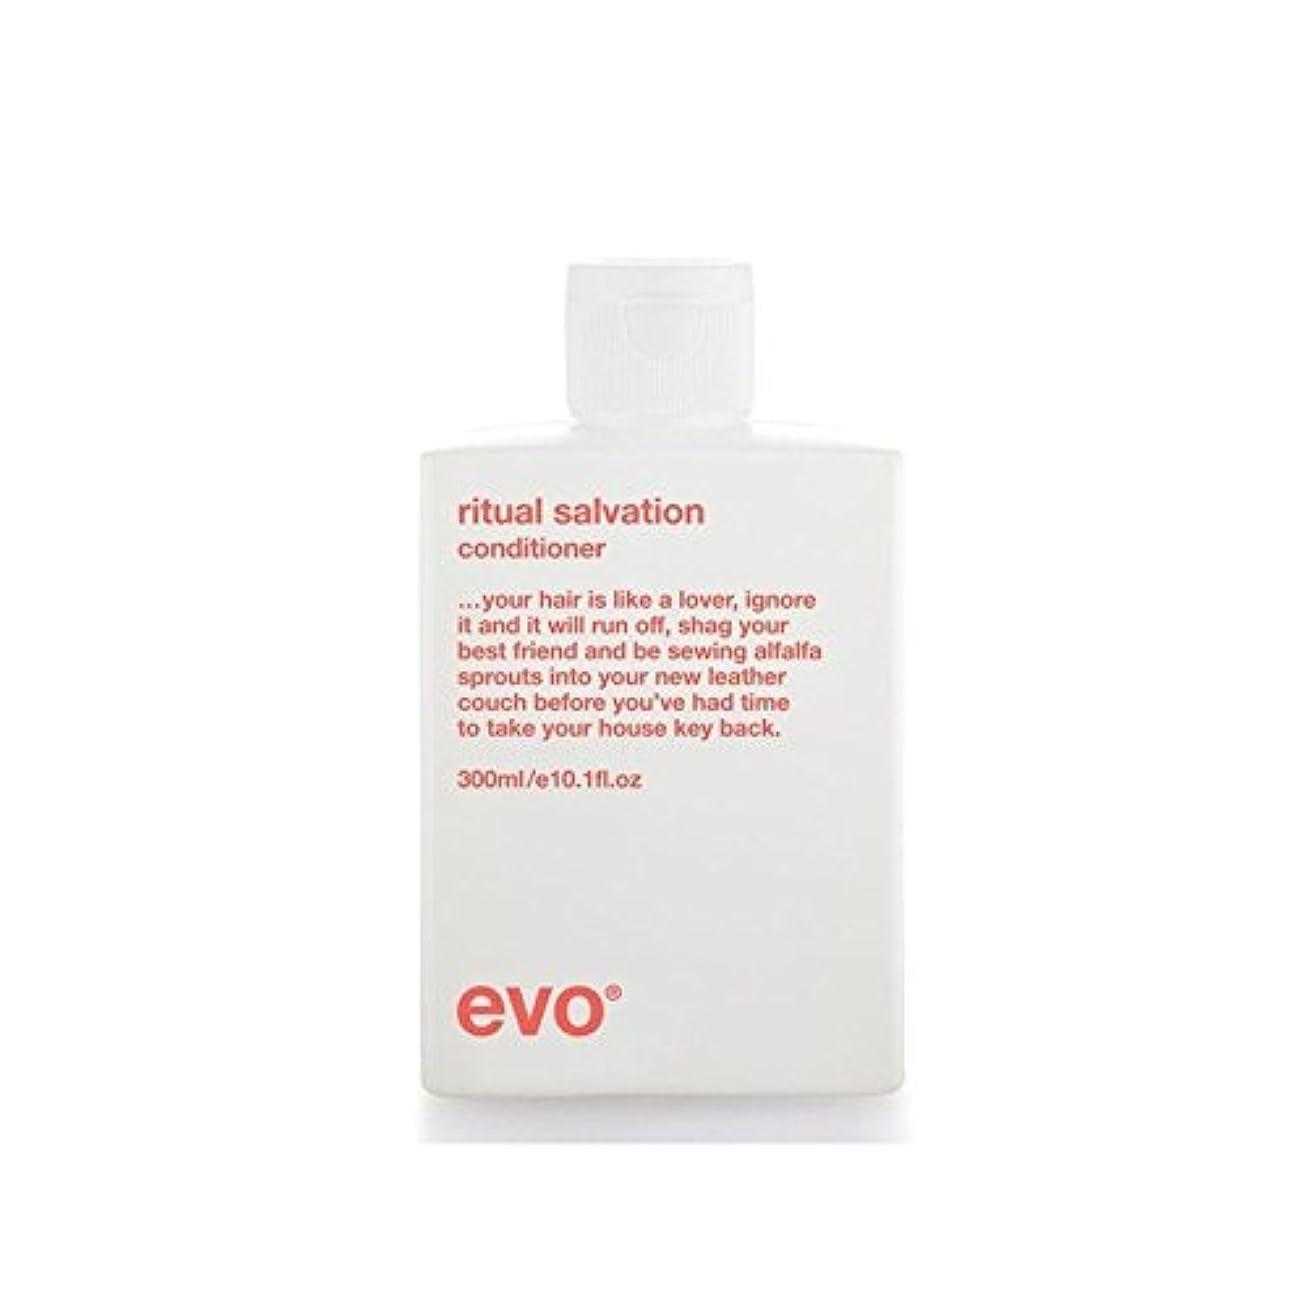 レンダーバルブ軌道Evo Ritual Salvation Conditioner (300ml) (Pack of 6) - 儀式救いコンディショナー(300ミリリットル) x6 [並行輸入品]